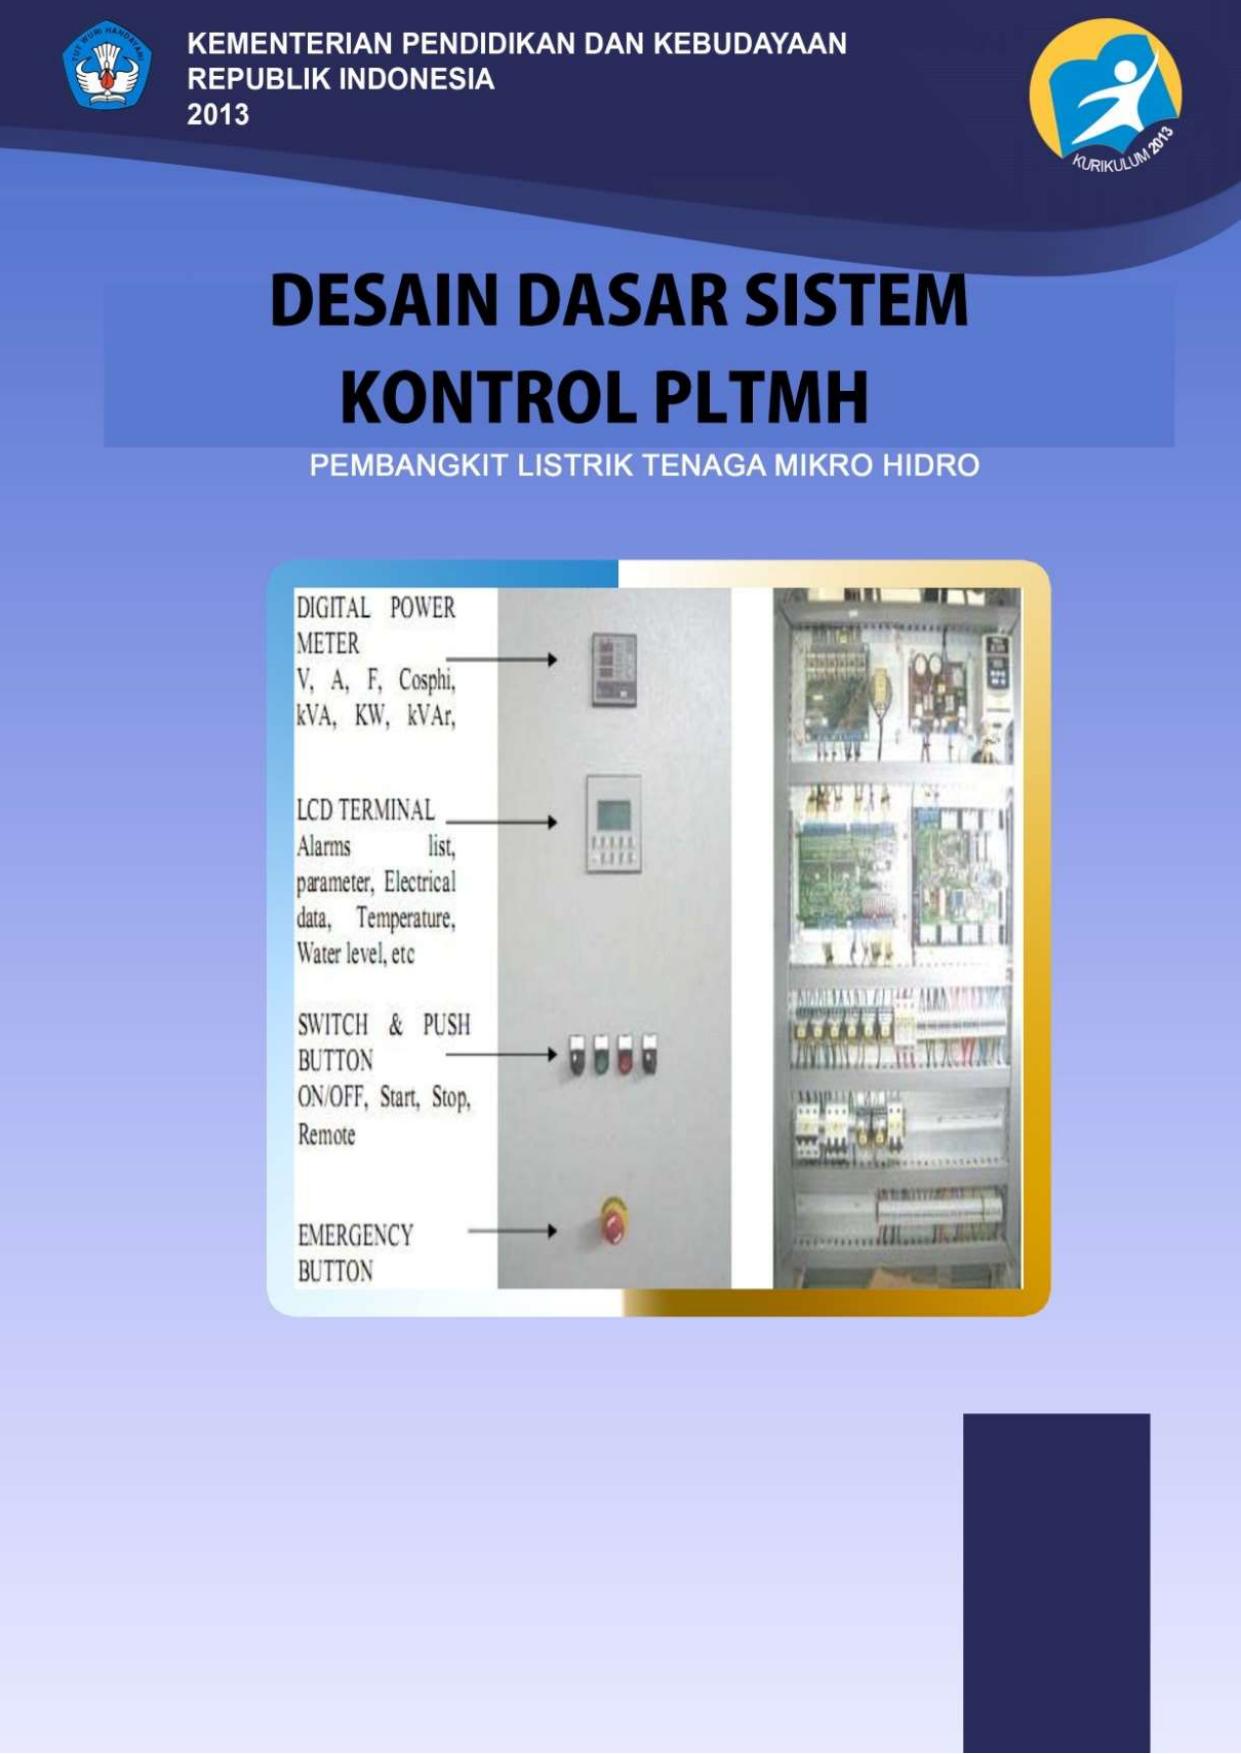 Desain Dasar Sistem Kontrol Pembangkit Listrik